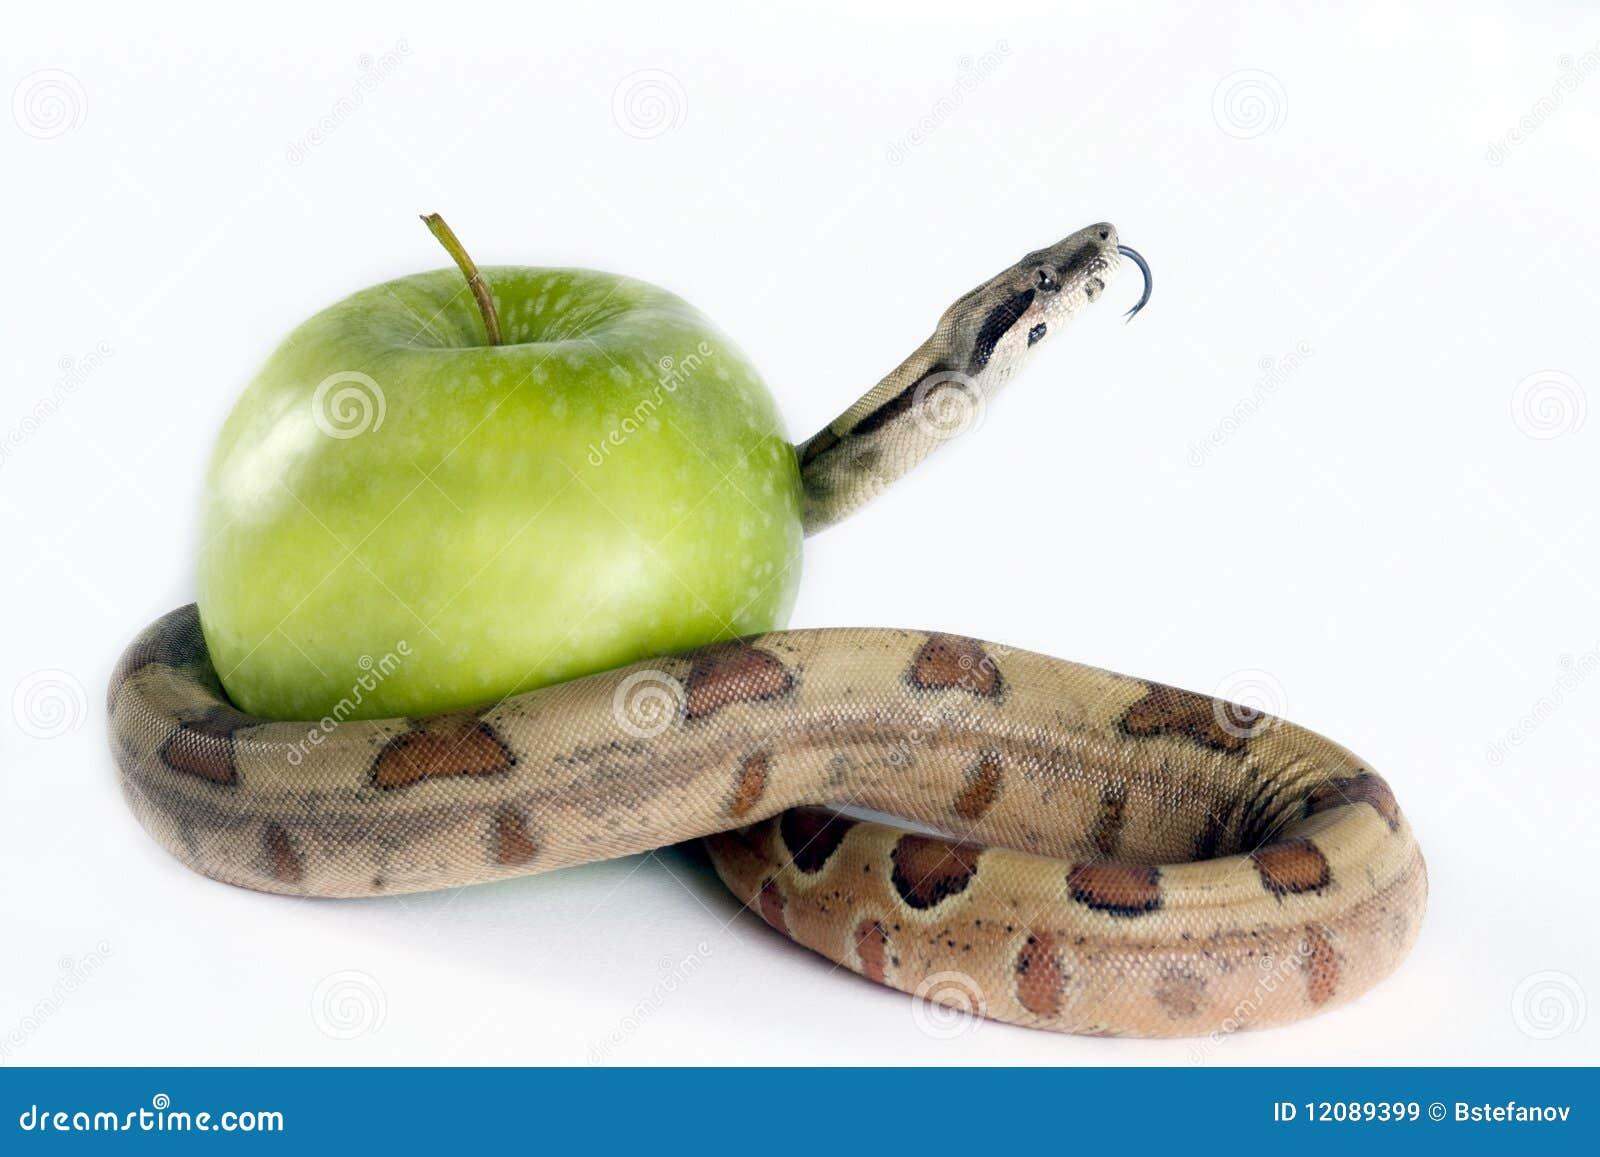 Serpente e maçã.